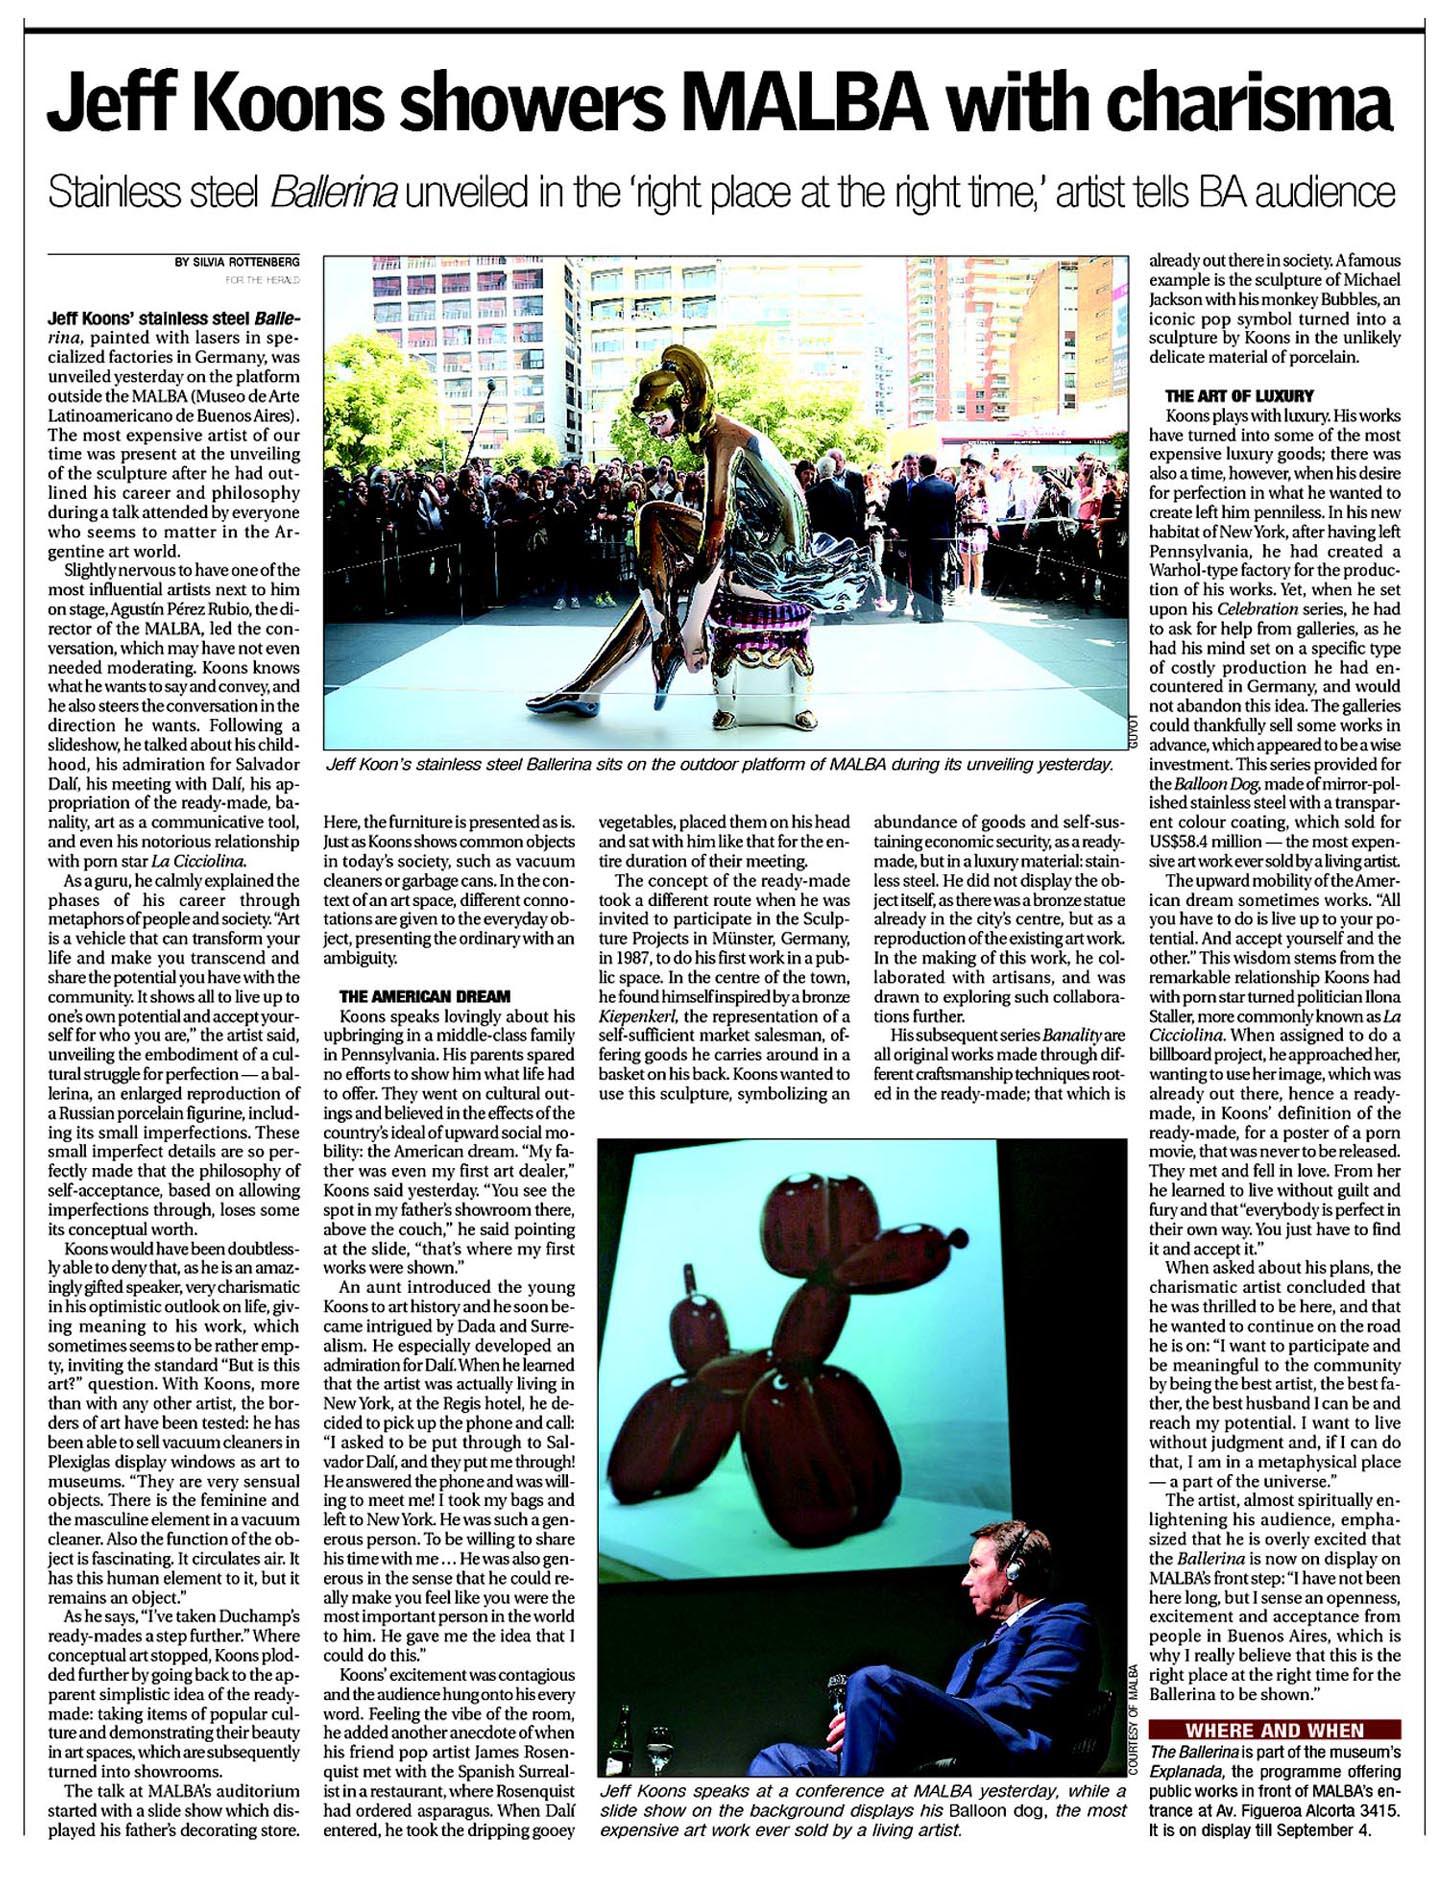 Bs As Herald_15.04.16.jpg